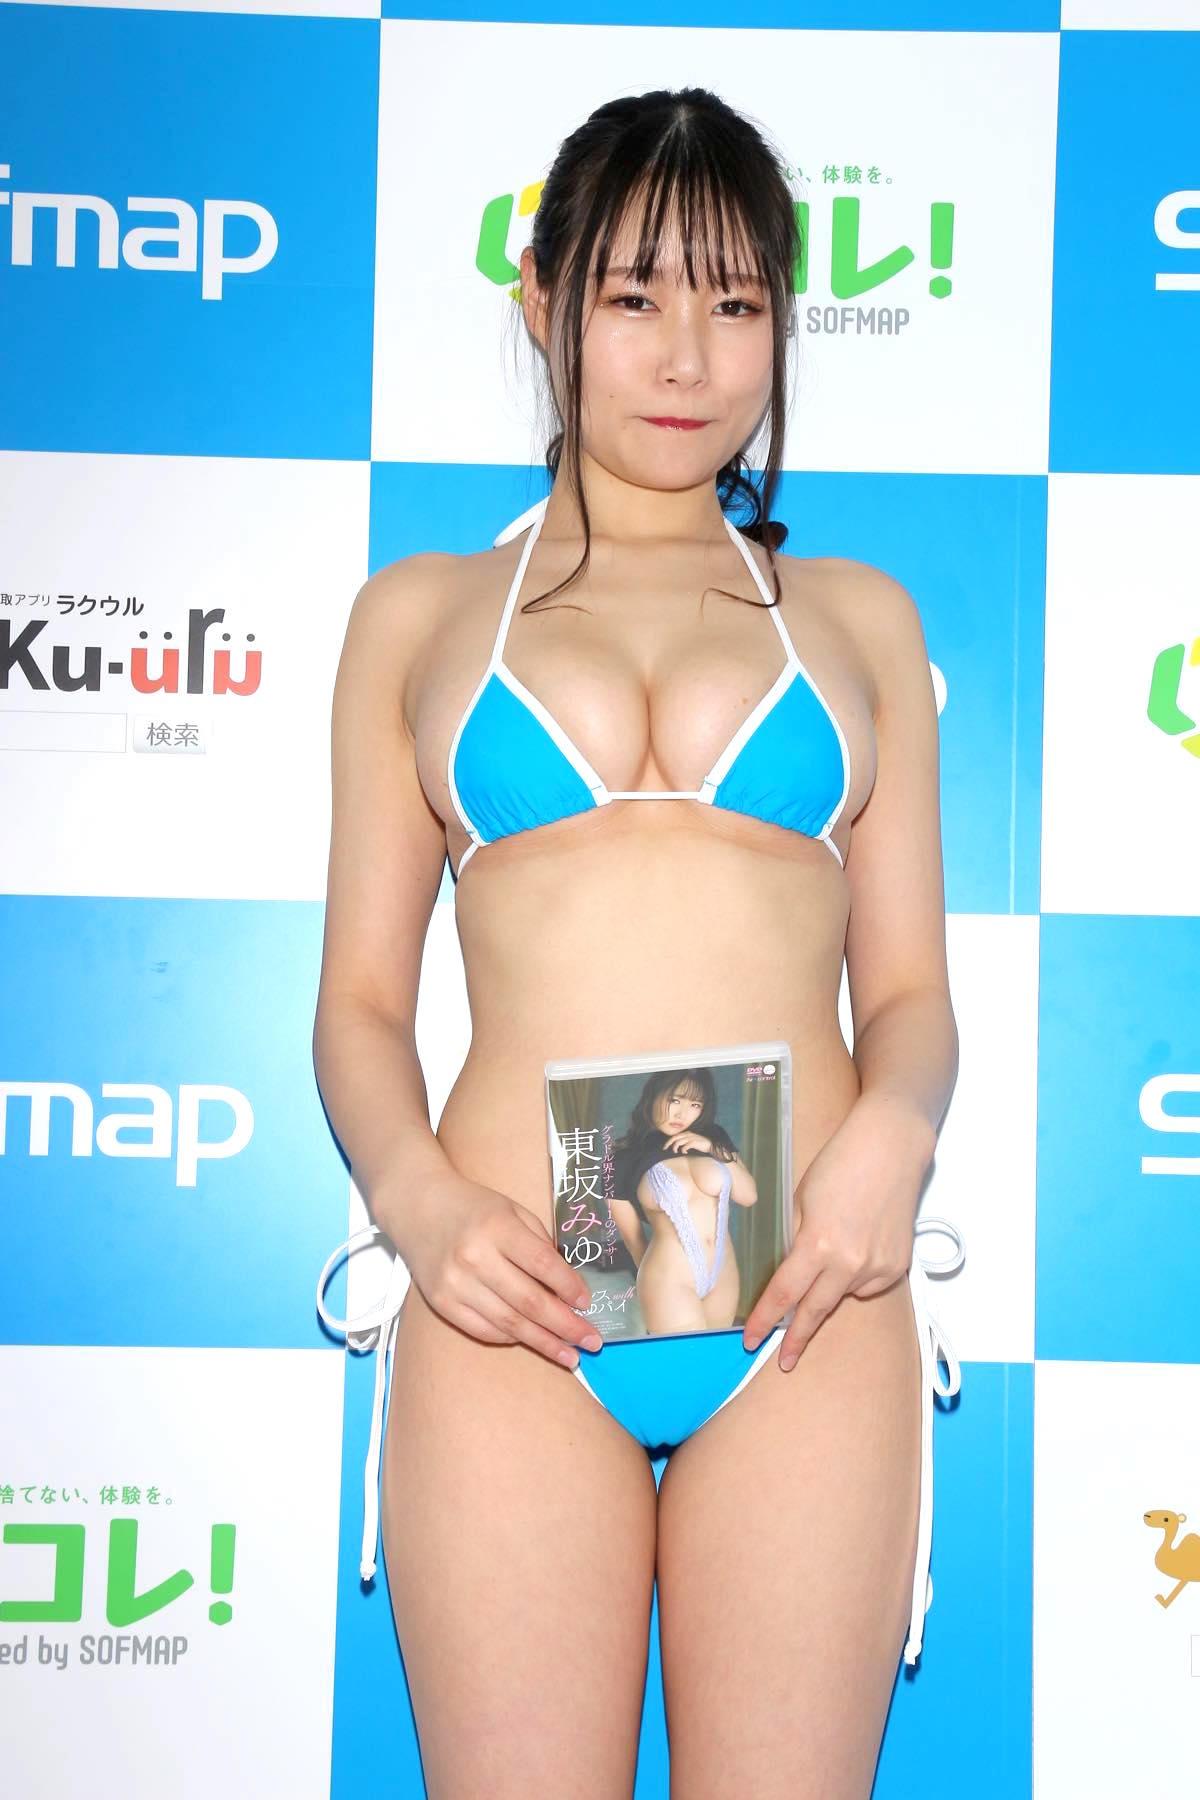 東坂みゆ「ロケット爆乳」がダンスで揺れて弾ける!【写真42枚】の画像029